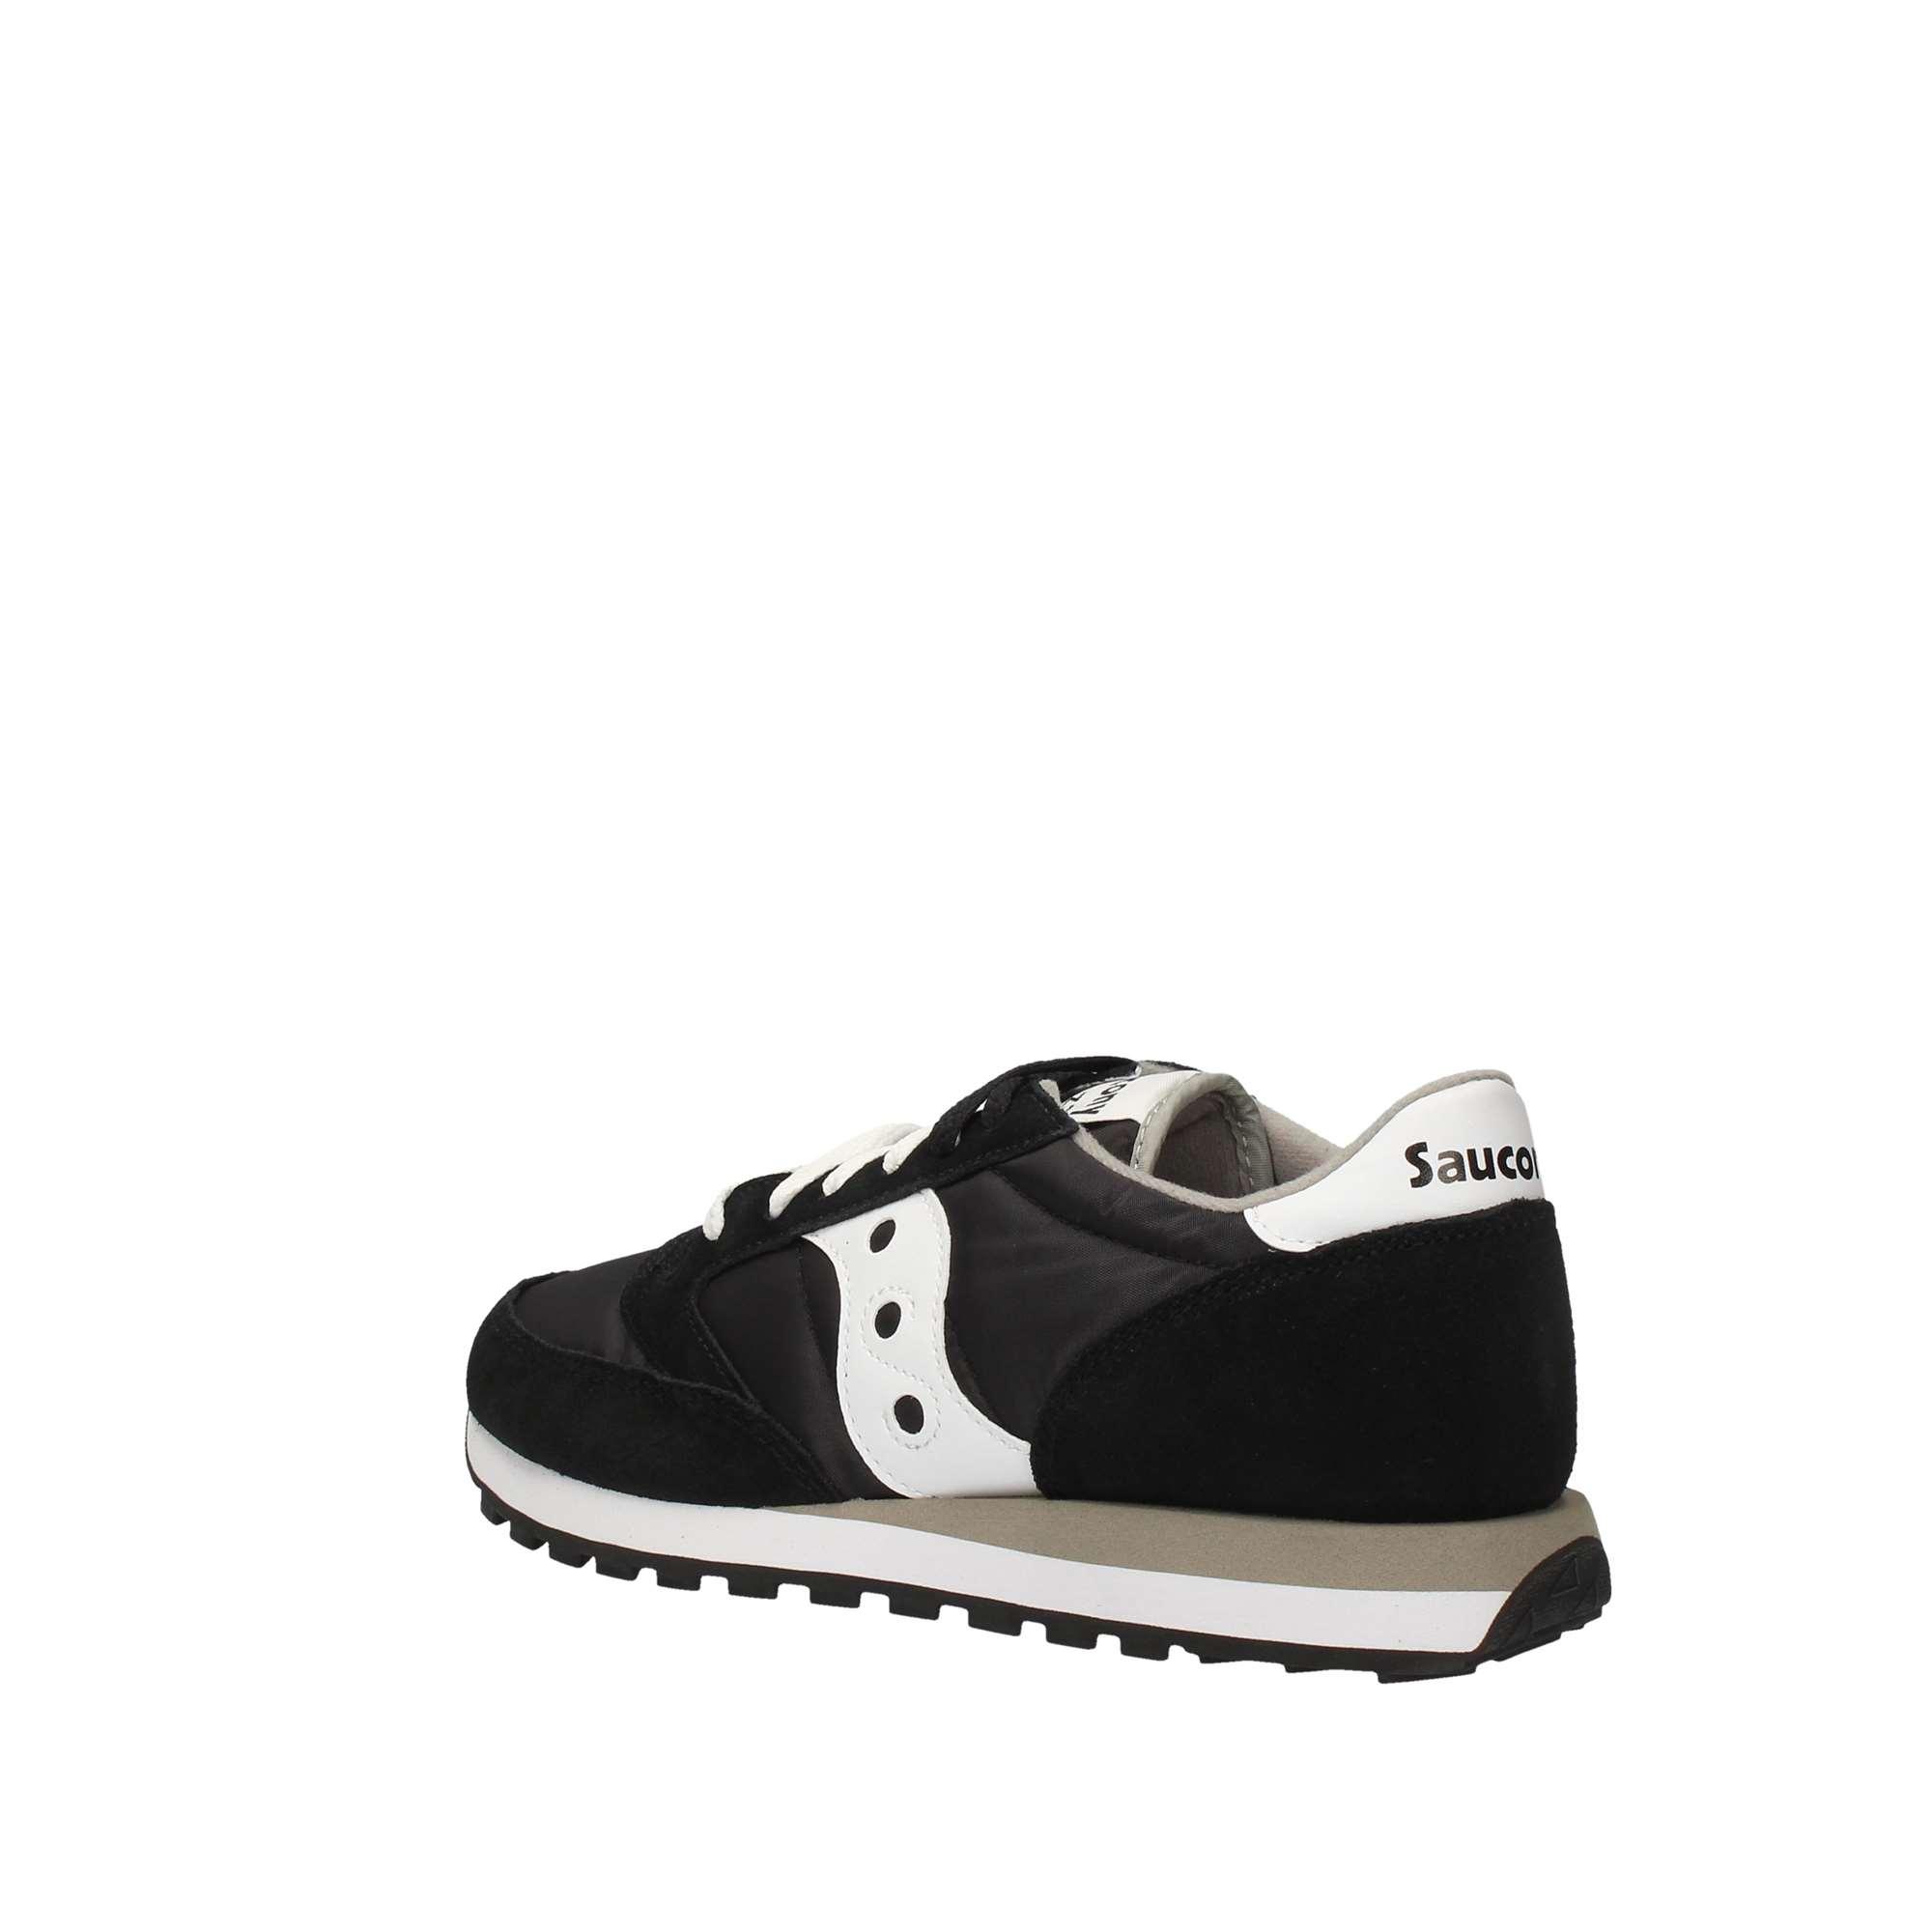 Uomo Sneakers Scarpe S2044 Saucony 449 Inverno Originals Nero Autunno xffwYHFq